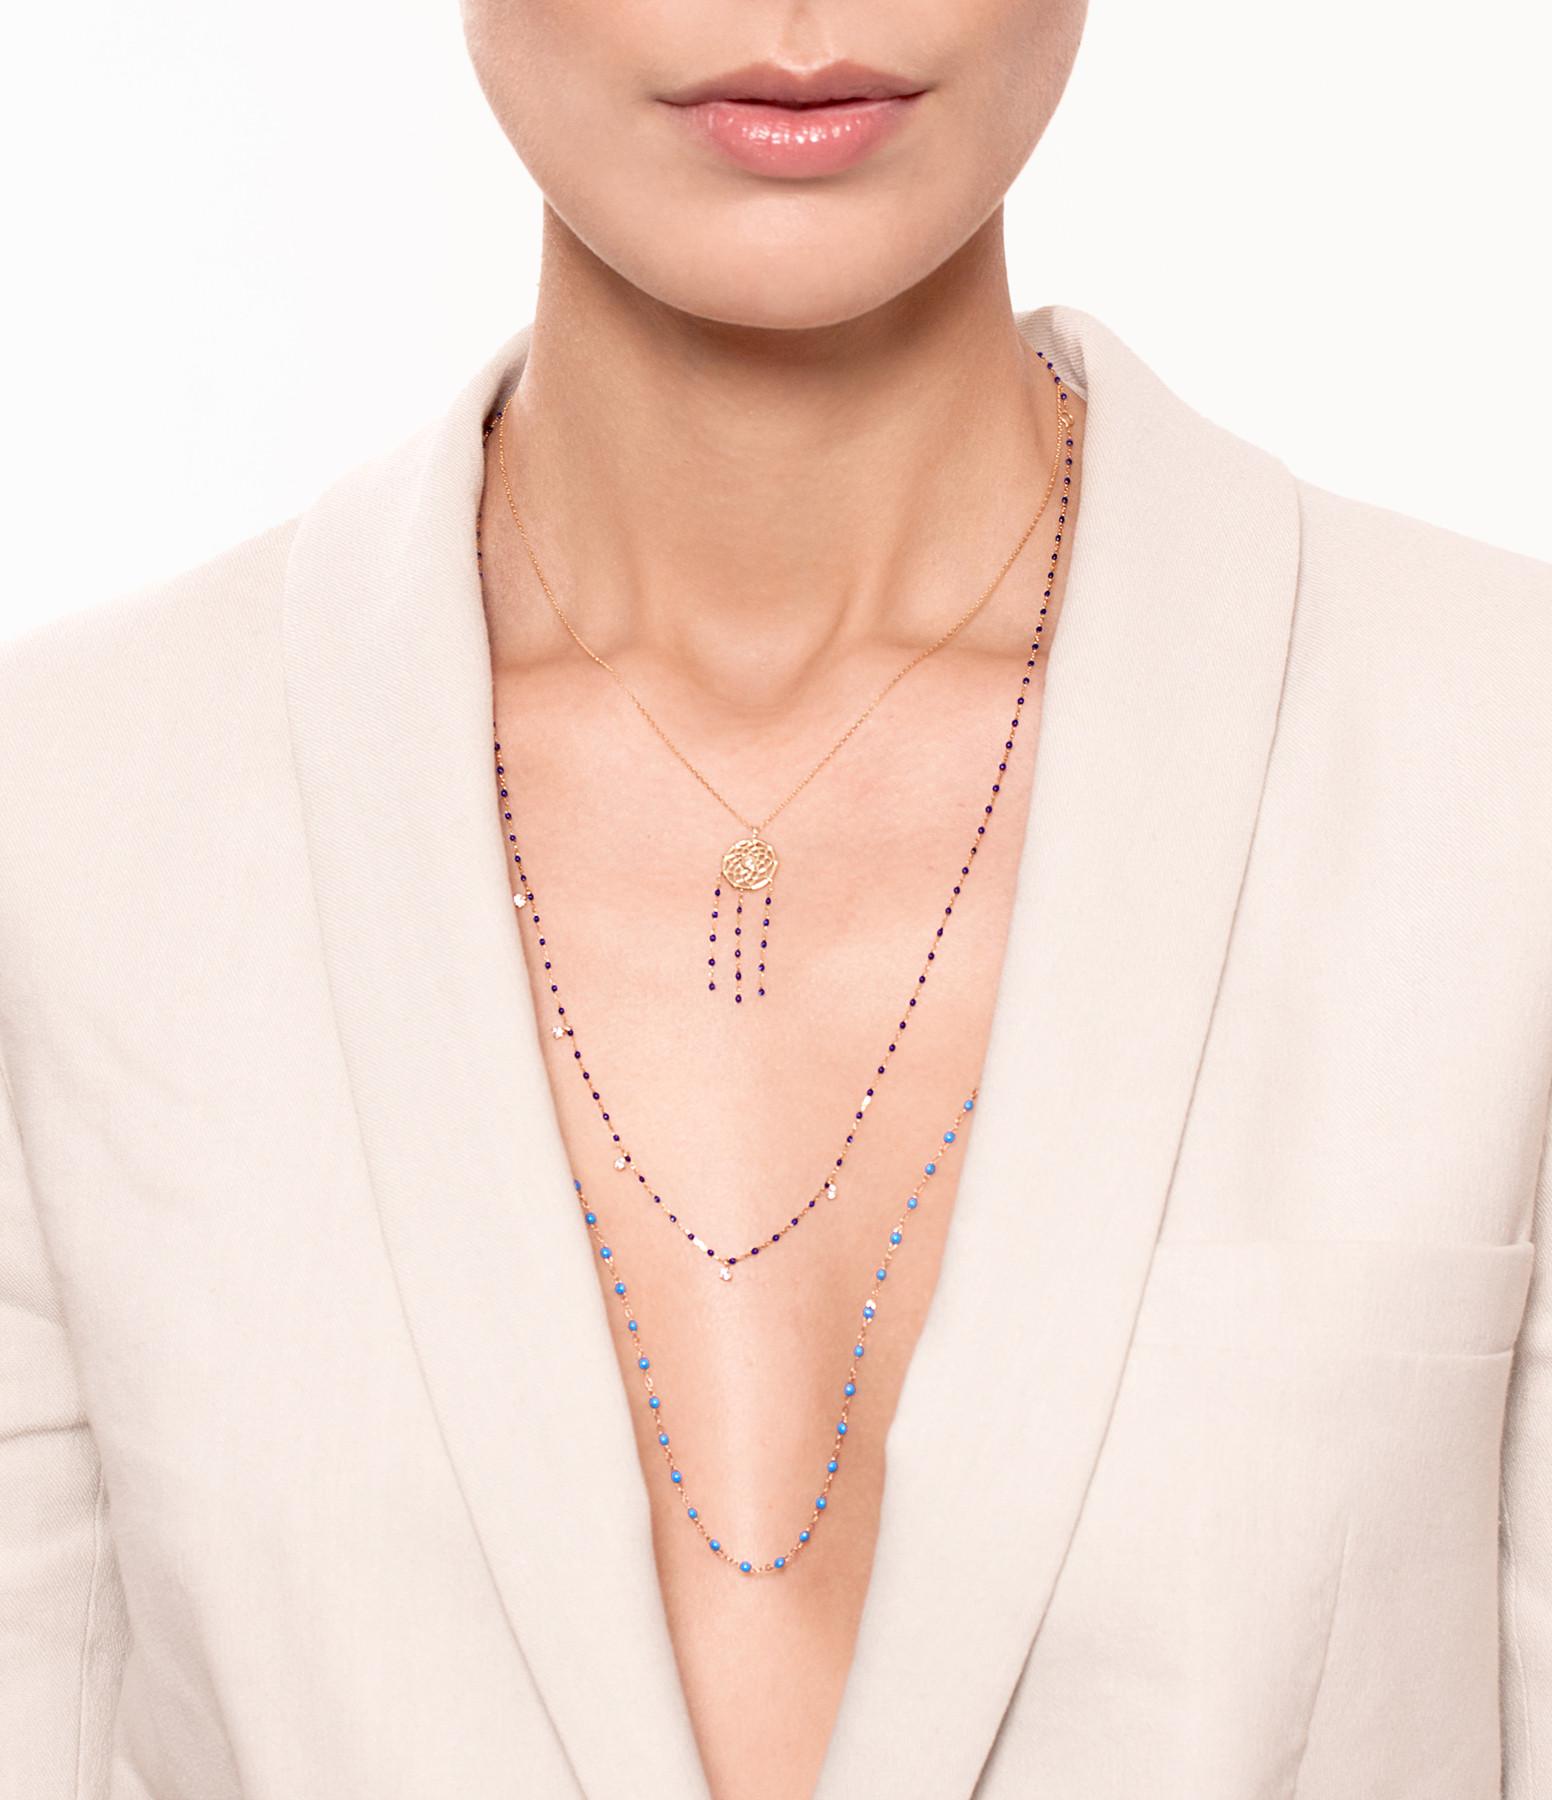 GIGI CLOZEAU - Sautoir Perles Résine Or 86 cm 27 Couleurs